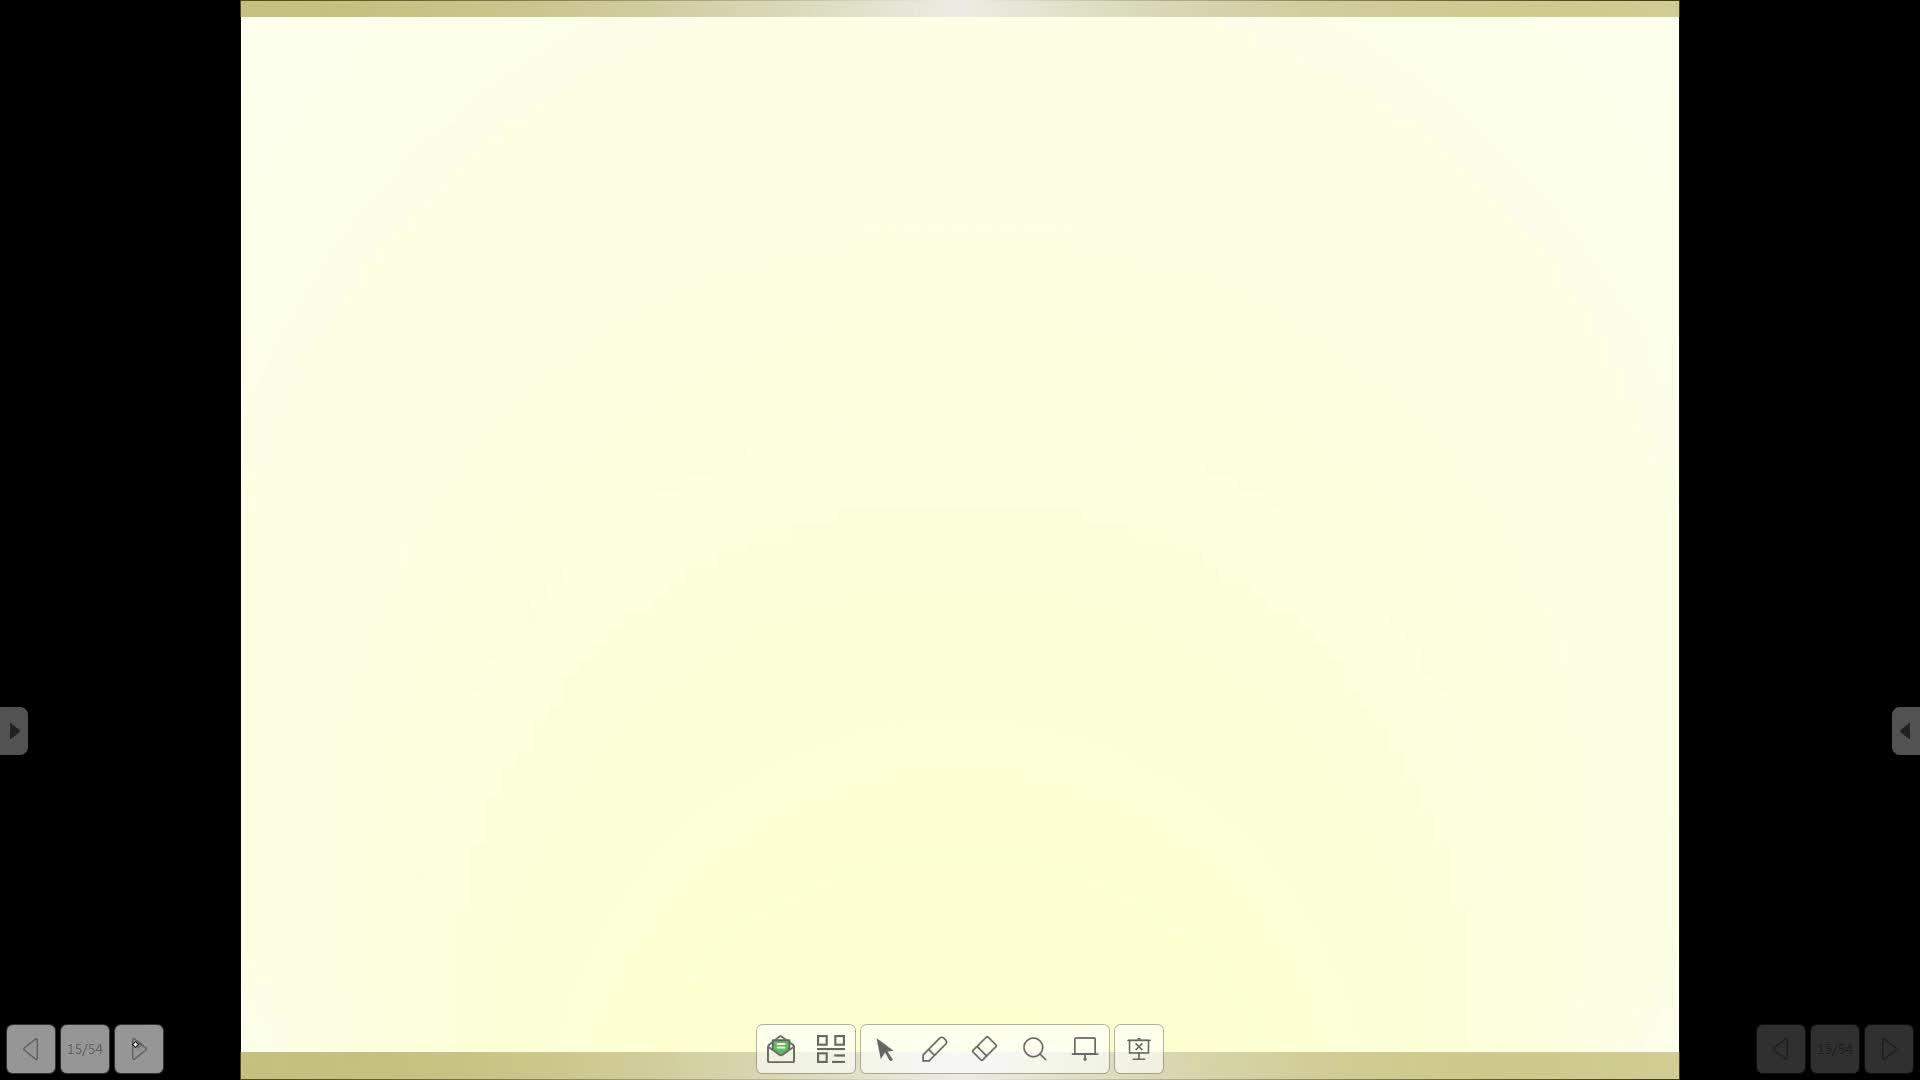 廊坊十中-部編版九年級語文上冊第三單元第十一課-醉翁亭記-張書芬(三)